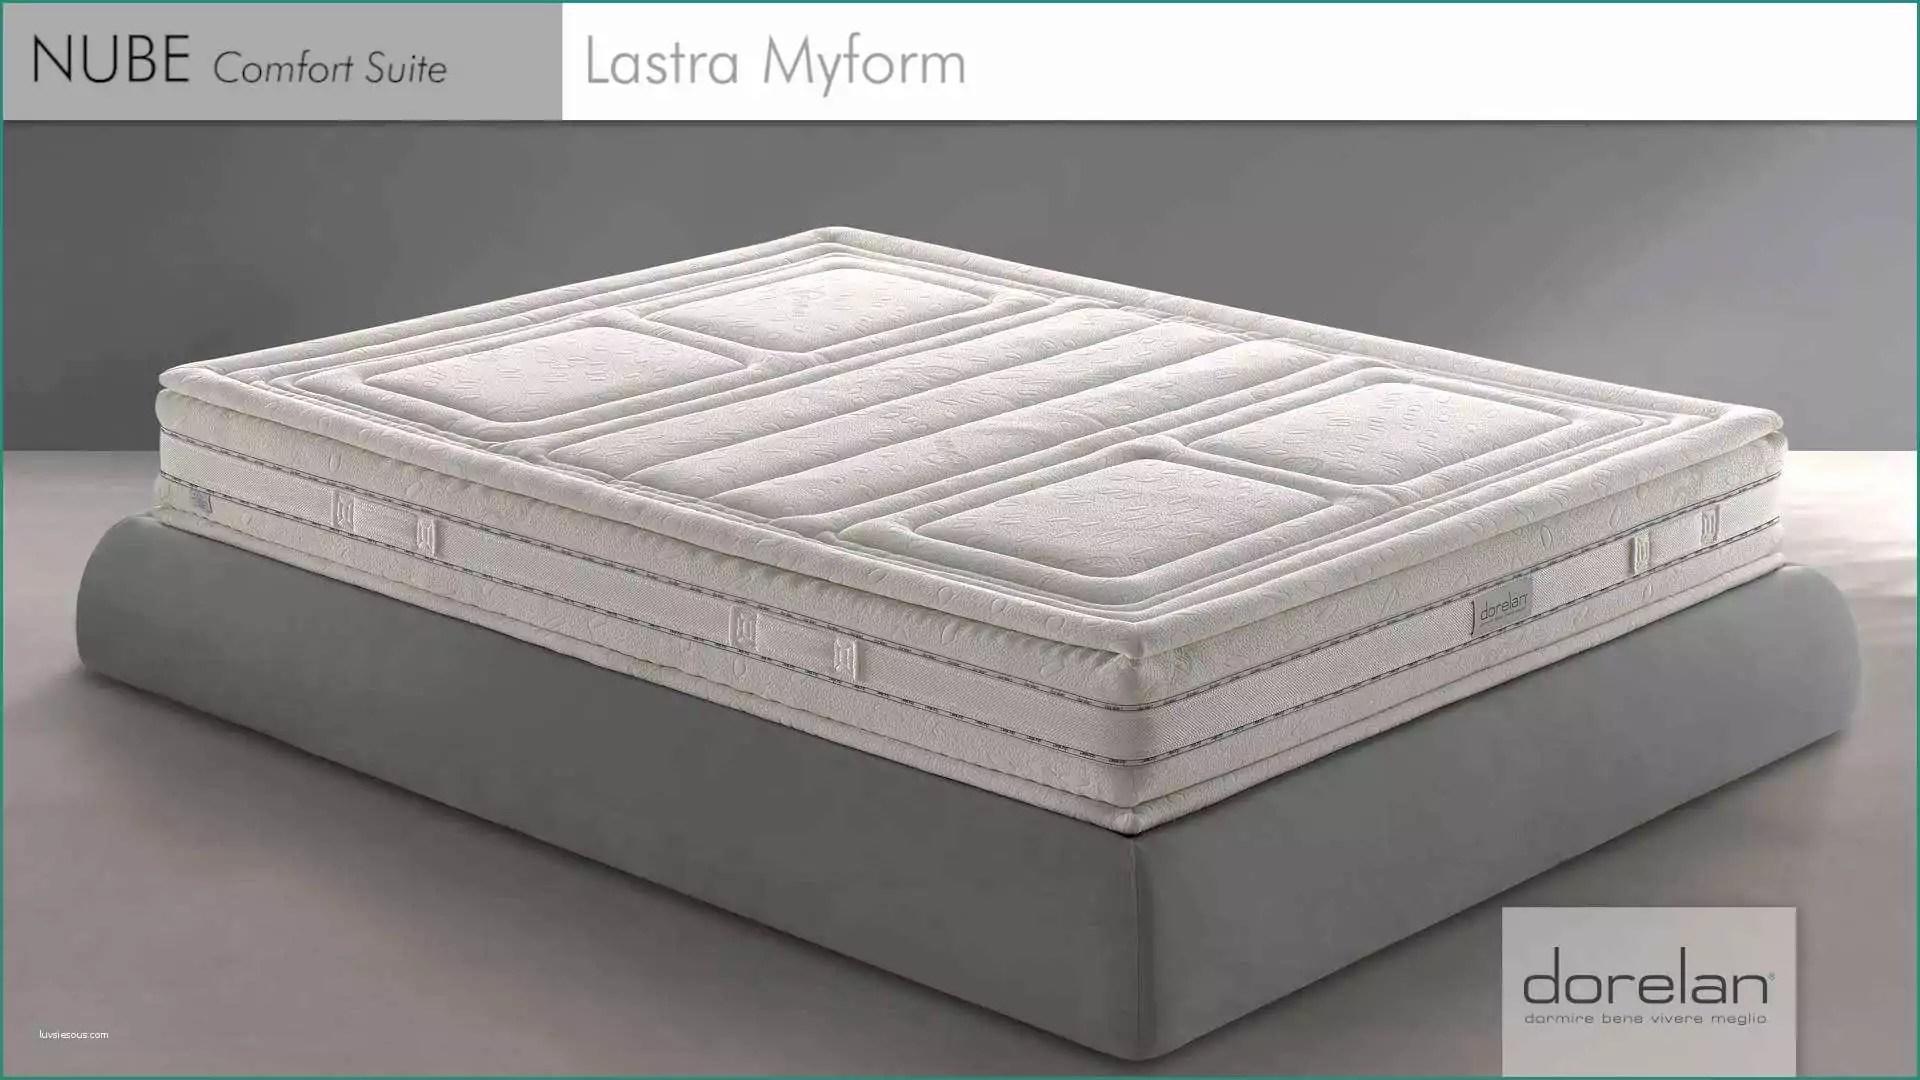 Previdorm Materassi In Lattice Prezzi.Materassi Eminflex Opinioni Idee Di Design Decorativo Per Interni